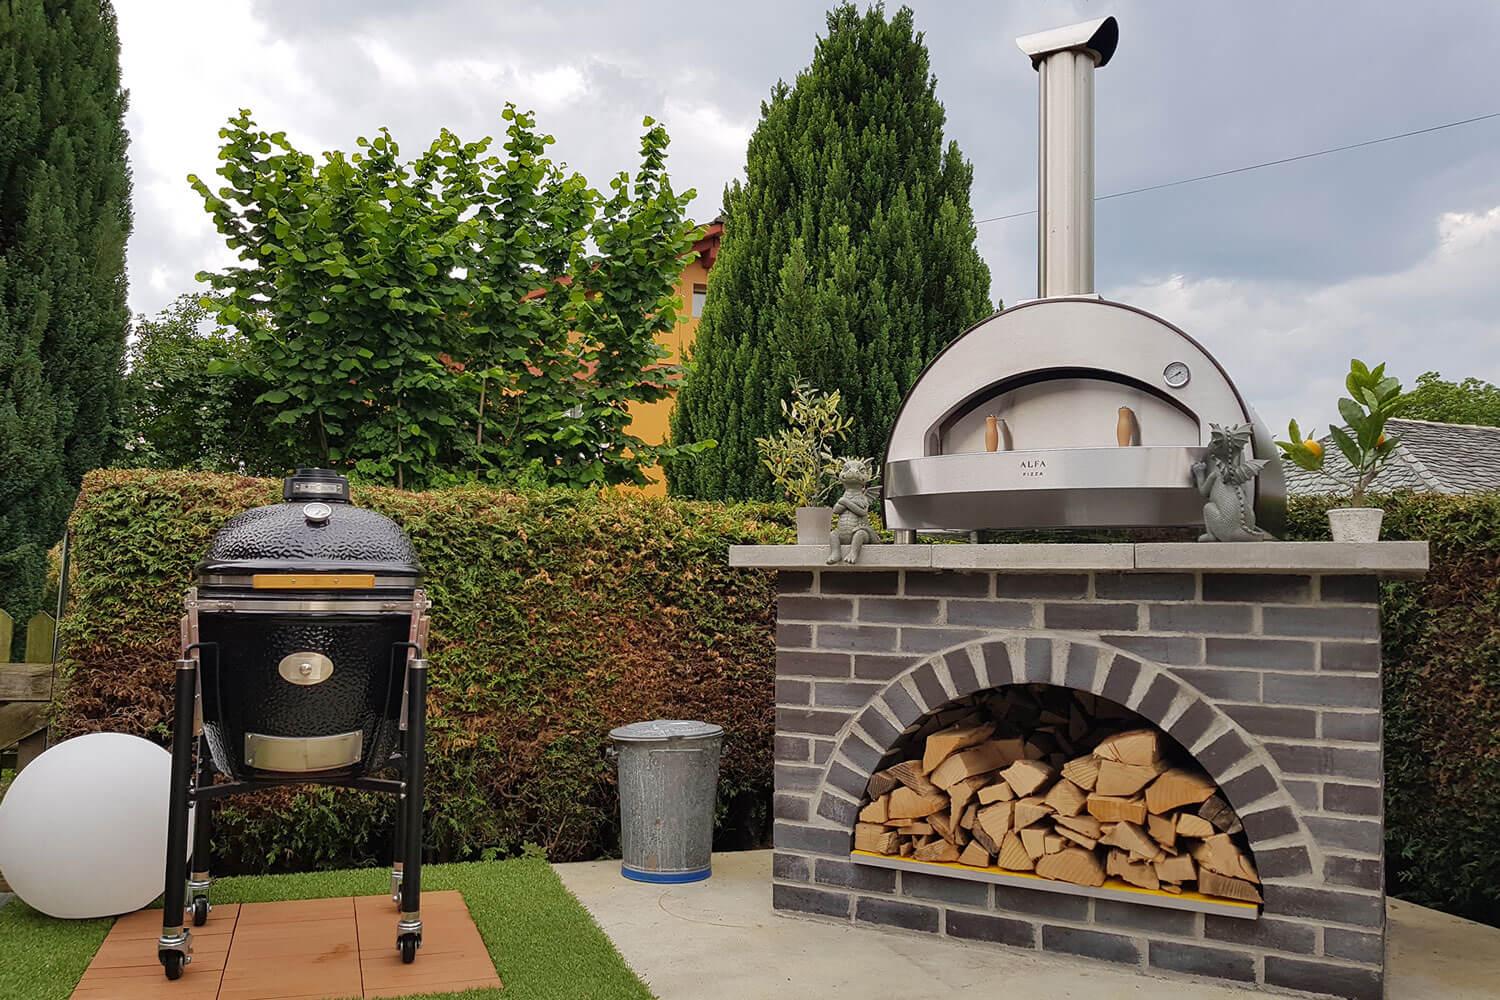 forno pizza fatta in casa in giardino